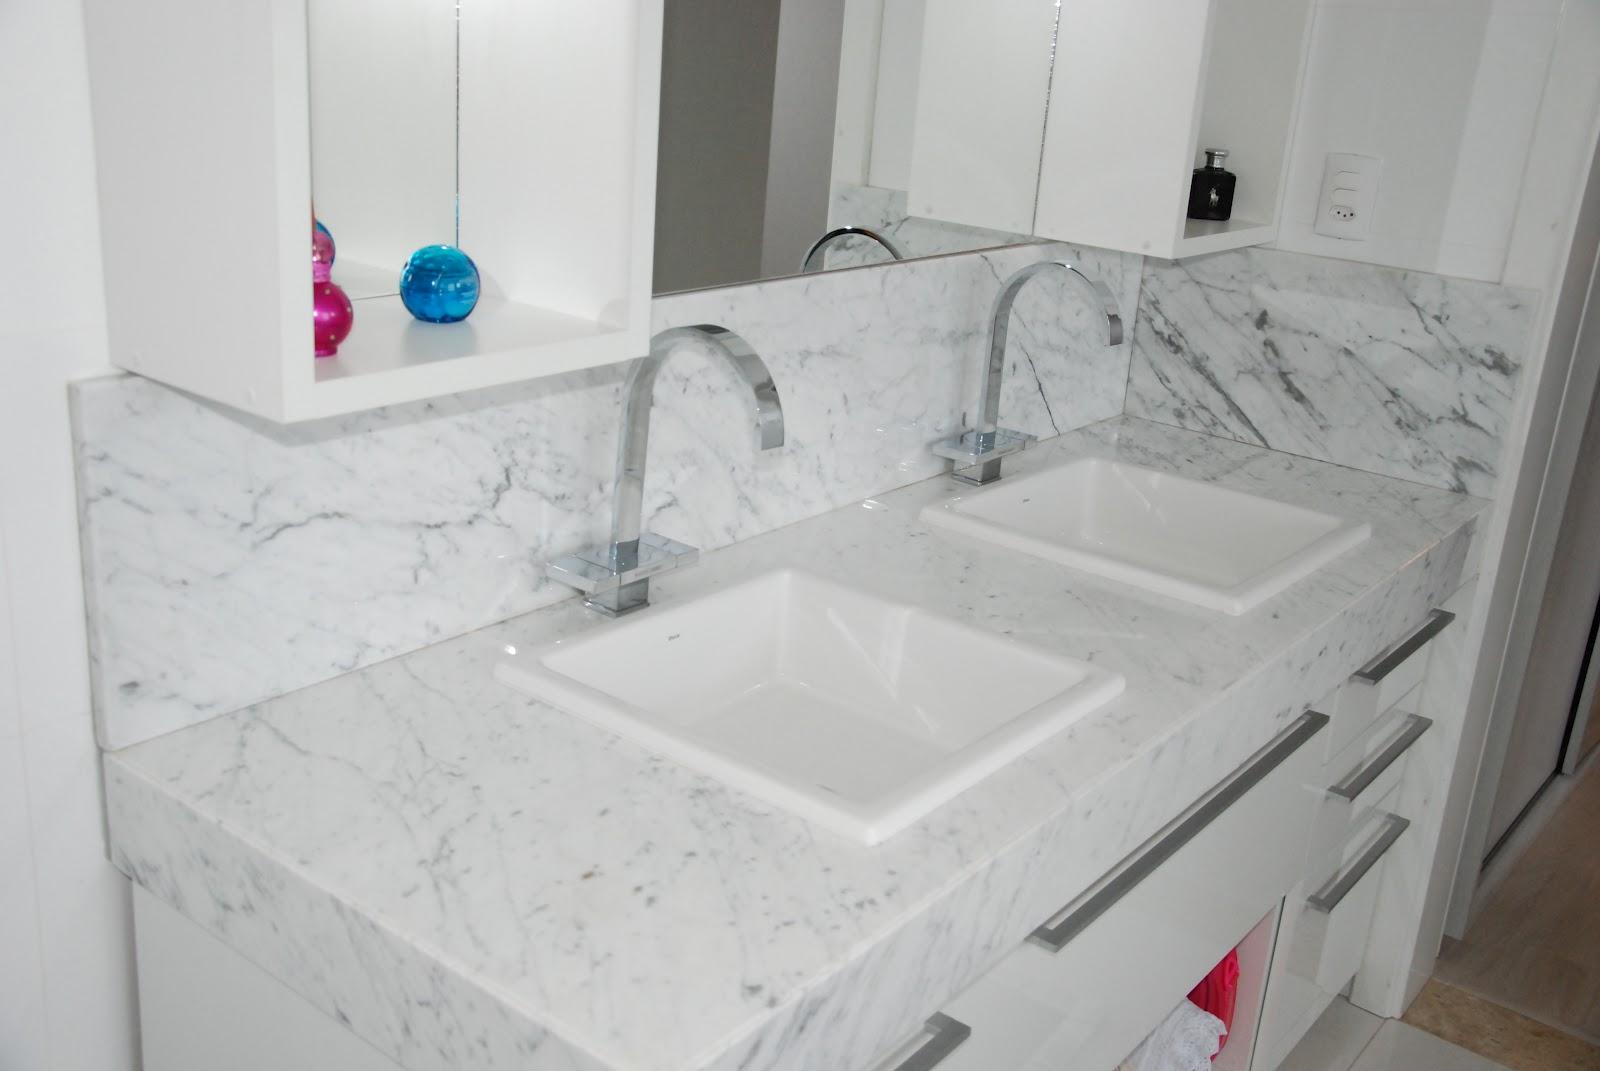 Marmore branco Carrara Marmoraria MPK #146A96 1600x1071 Banheiro De Marmore Branco